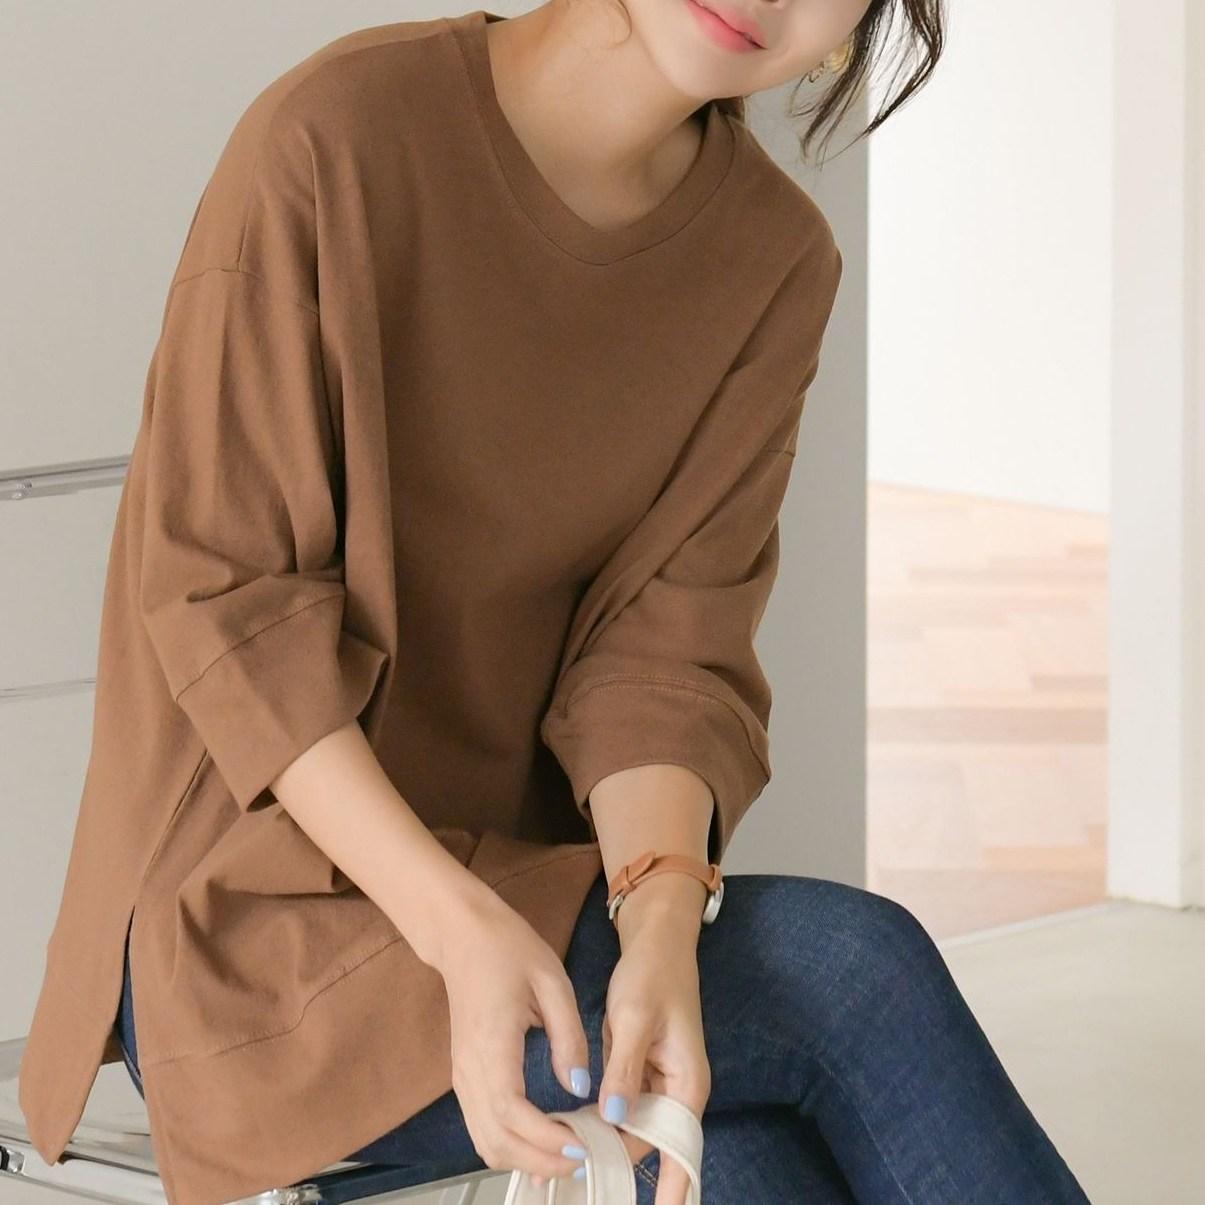 카라 7부소매 루즈핏 박스 무지 간절기 데일리 카멜 롱 티셔츠 긴팔